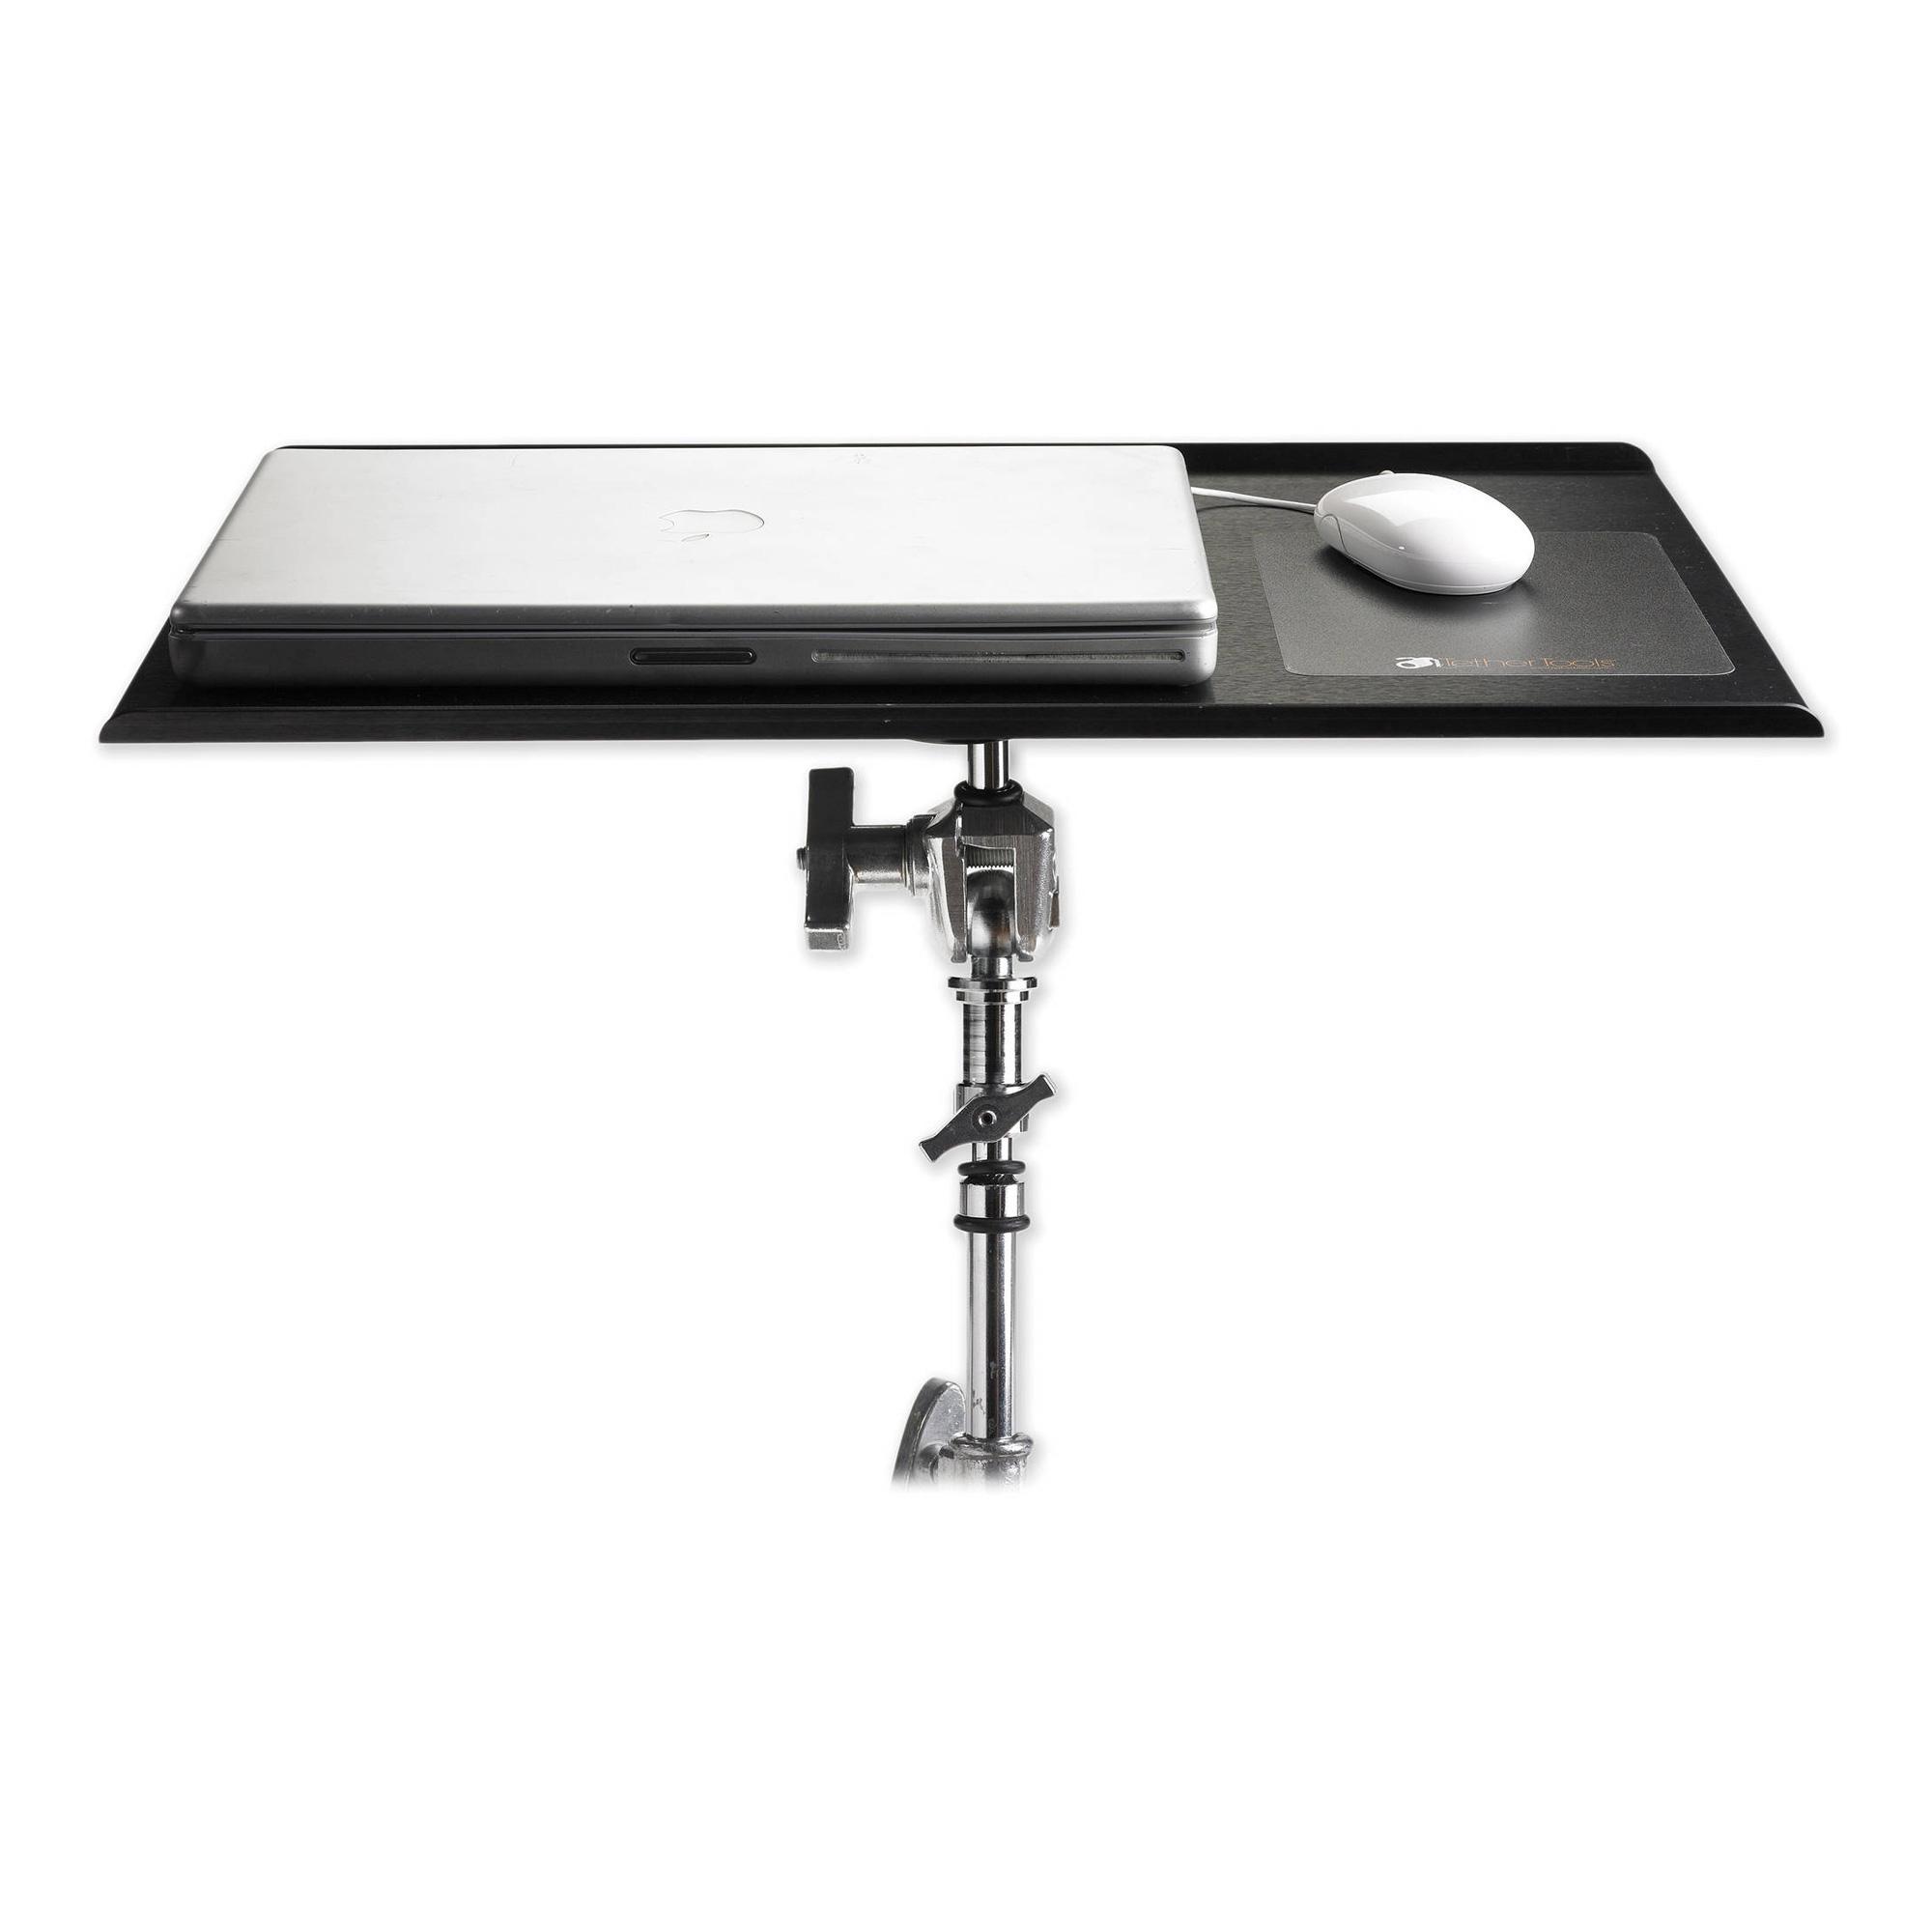 Aero Table for 15 In. Apple MacBook Pro Non-Reflective Black Finish